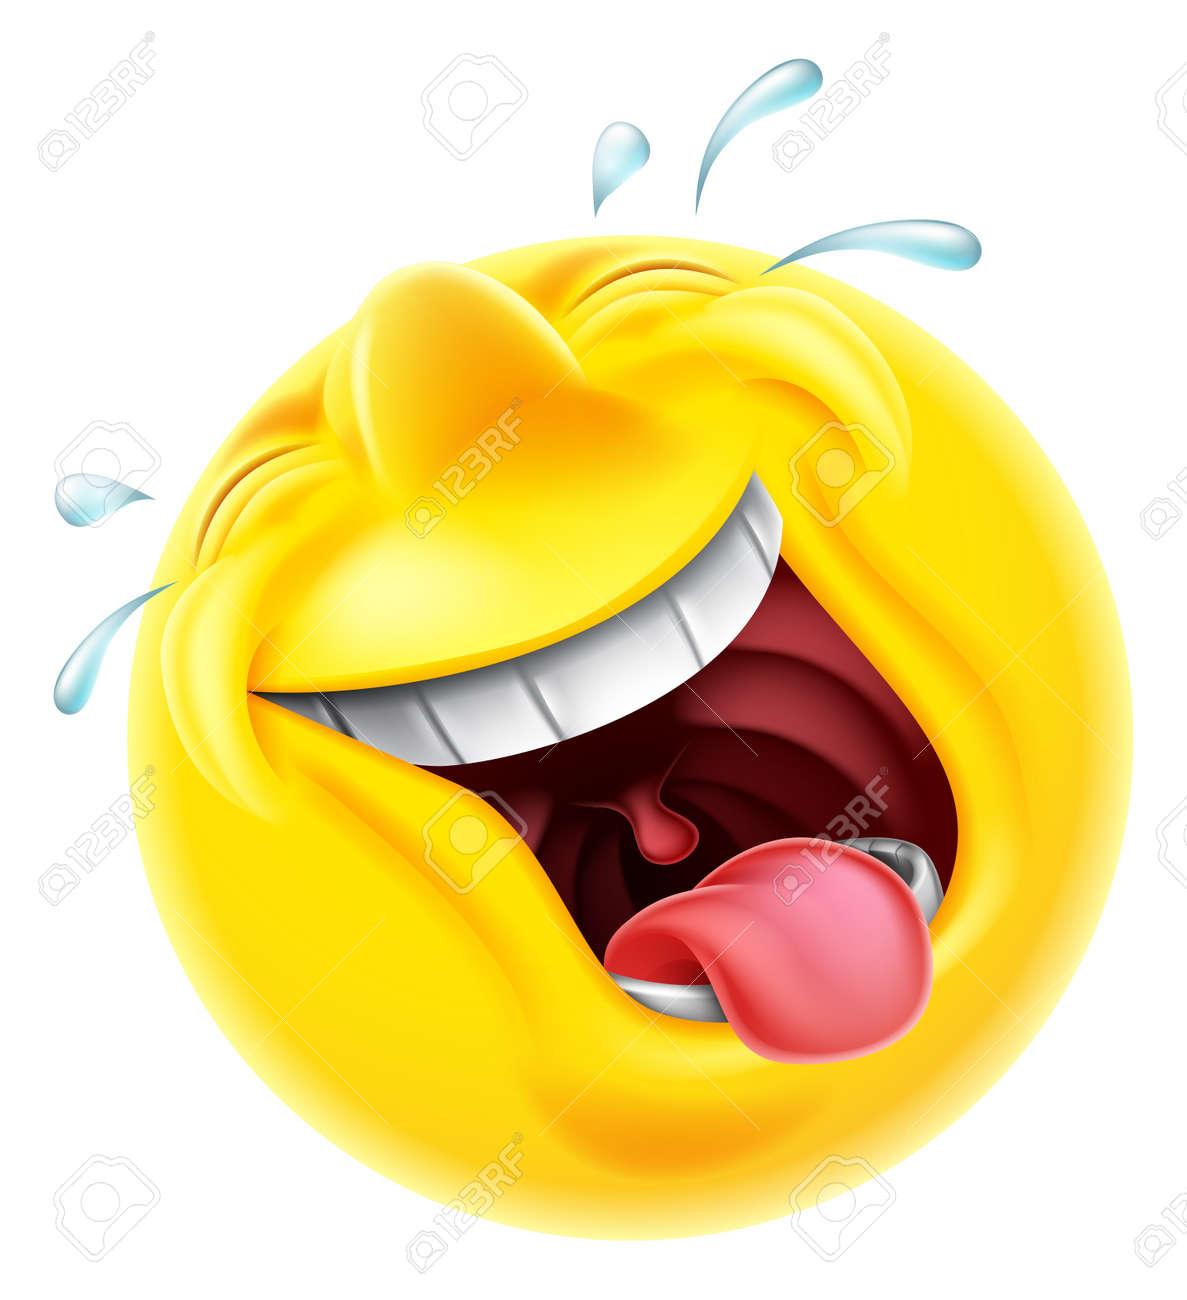 Un Muy Feliz De Risa Emoji Emoticono Sonriente Del Carácter Cara De